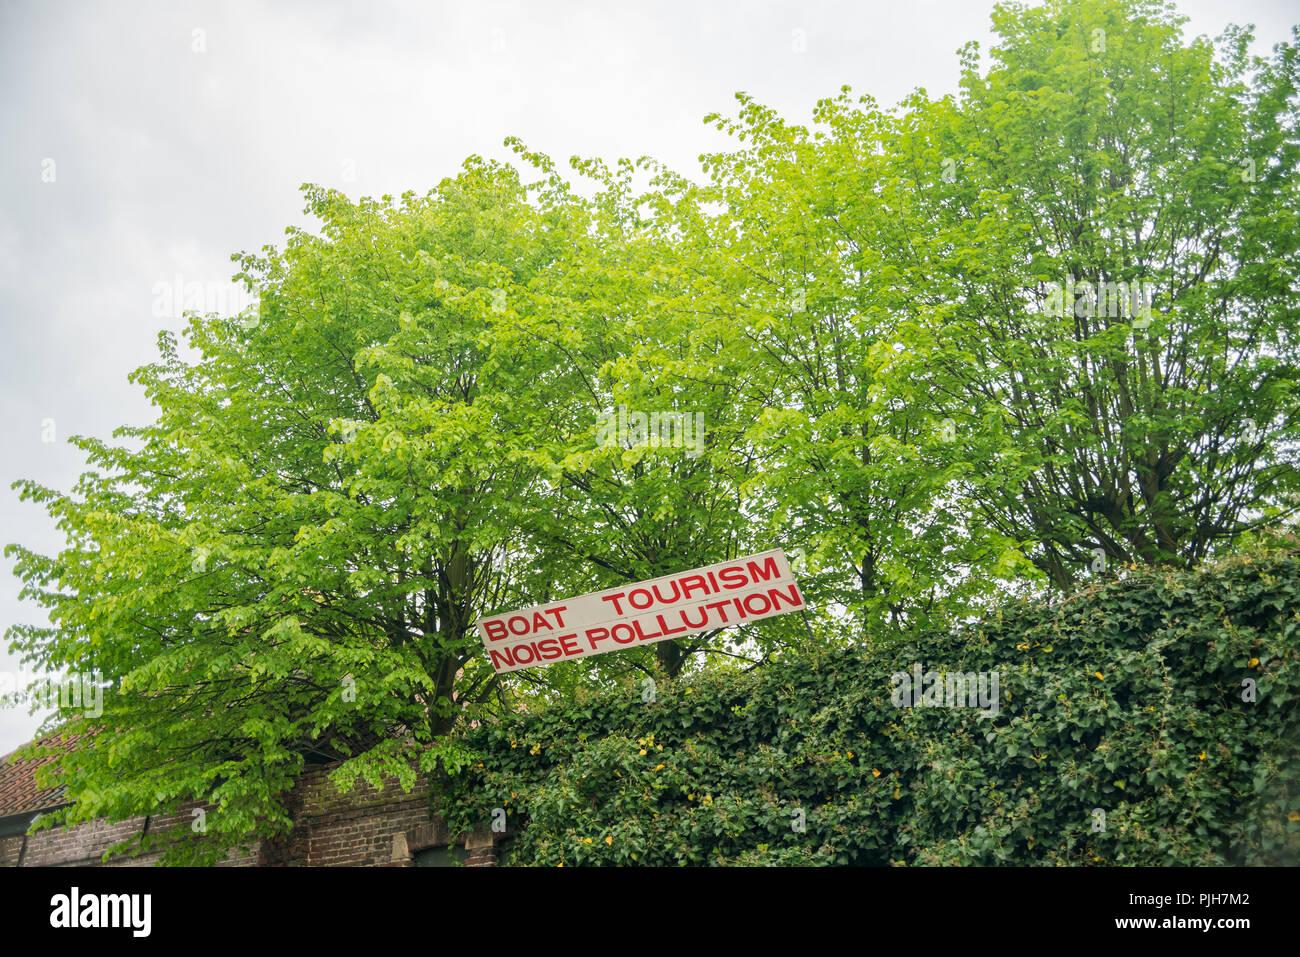 Signo de barco turismo contaminación acústica en Gante, Bélgica Imagen De Stock